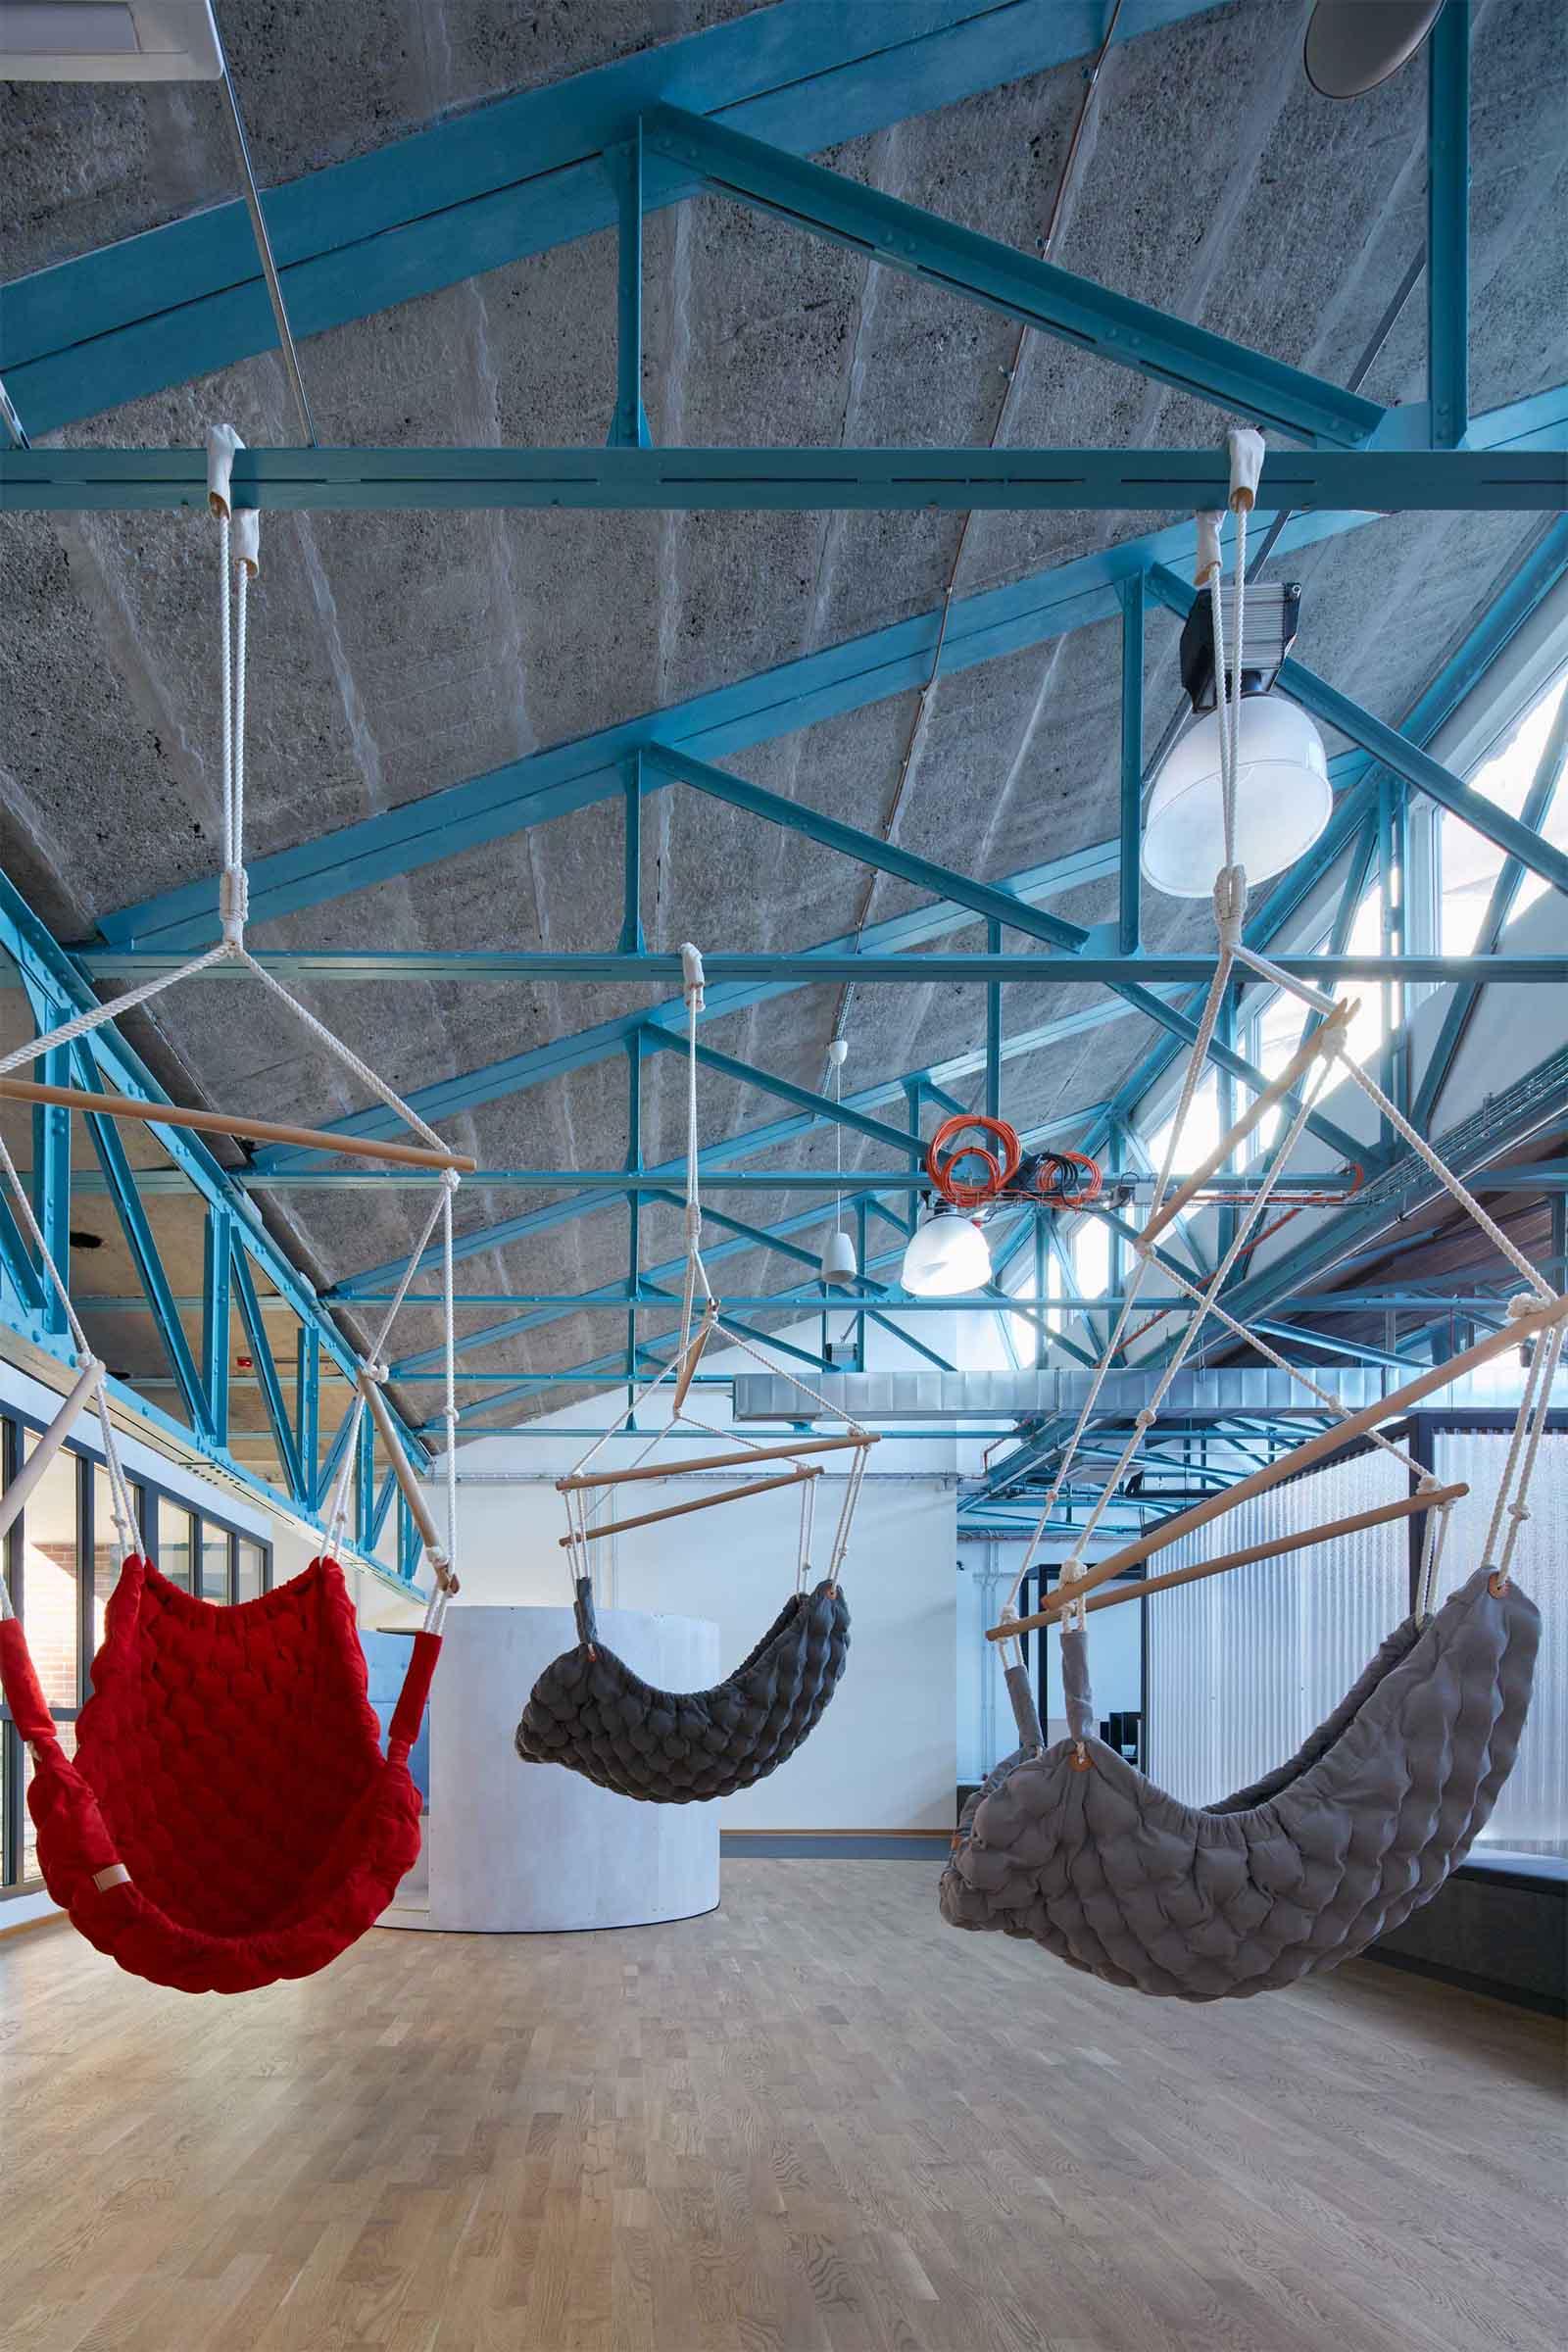 Kanceláře Sinnerschrader Praha - relaxační zóna kanceláře se závěsnými houpačkami Swingy. Autor: Kurz architekti